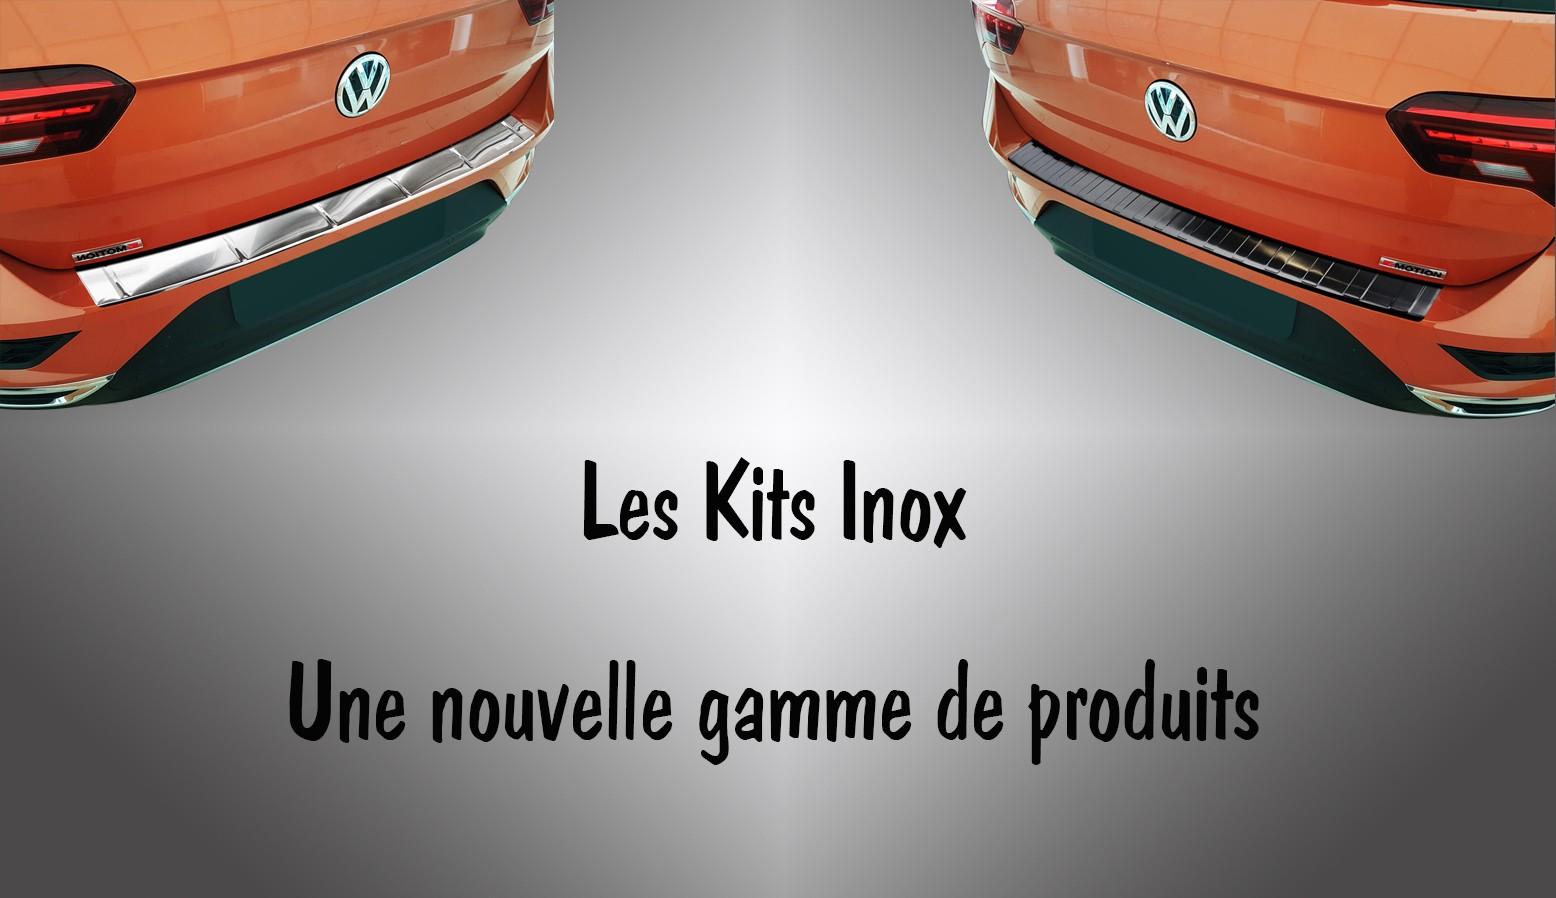 Kits Inox